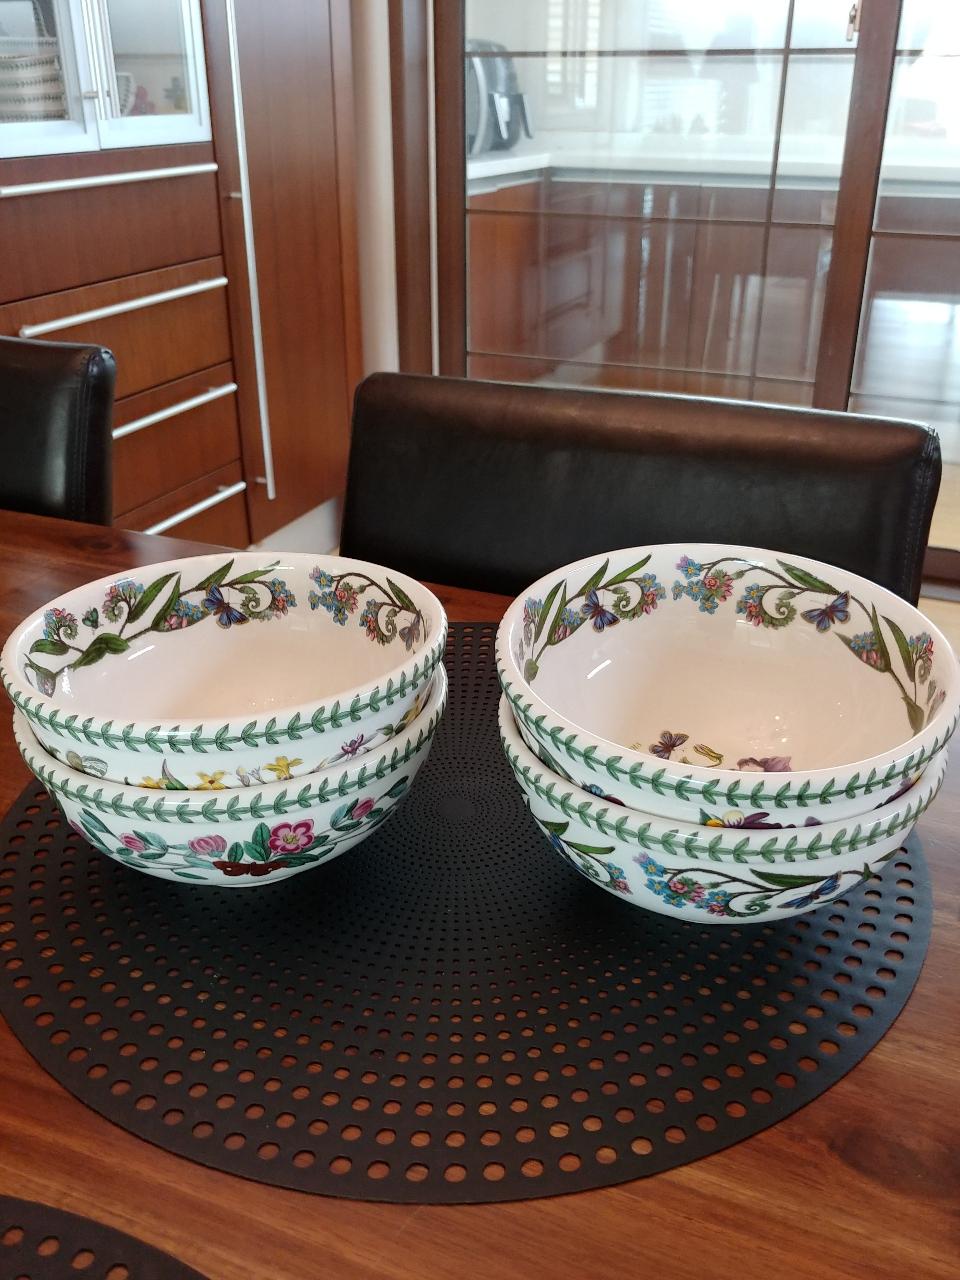 포트메리온 그릇..